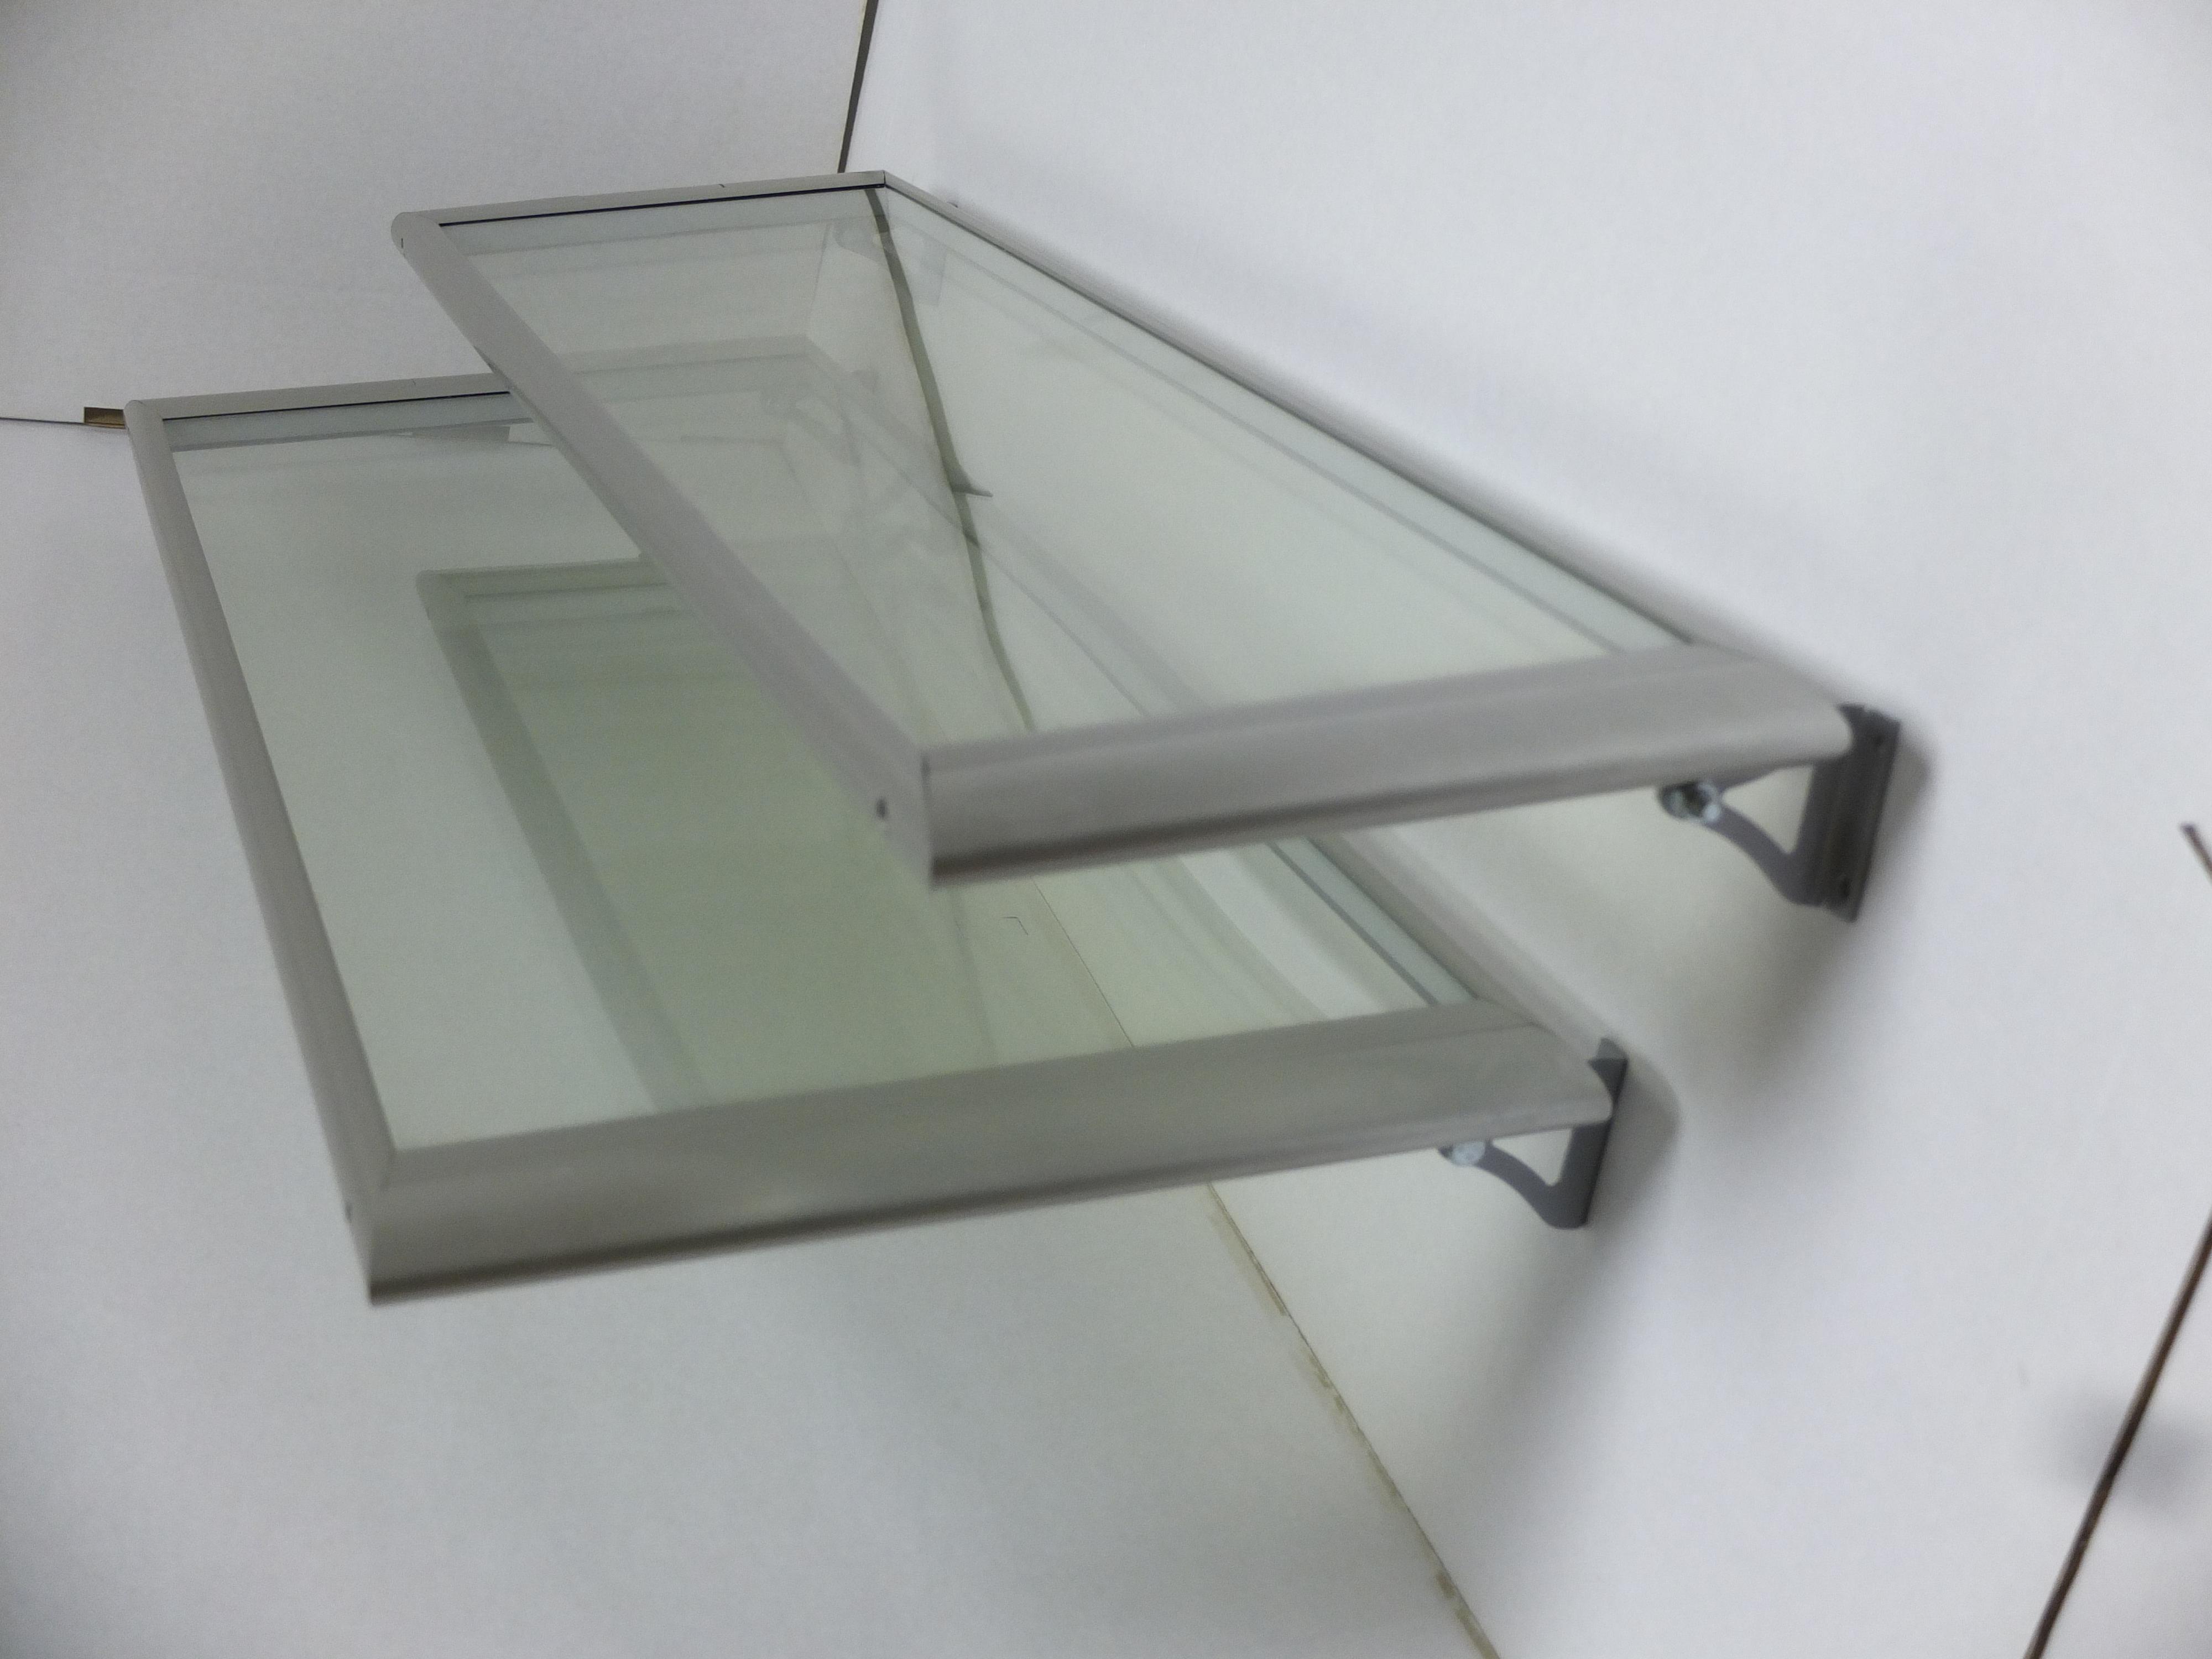 Пион thermo glass п-10 отзывы покупателей и специалистов на отзовик